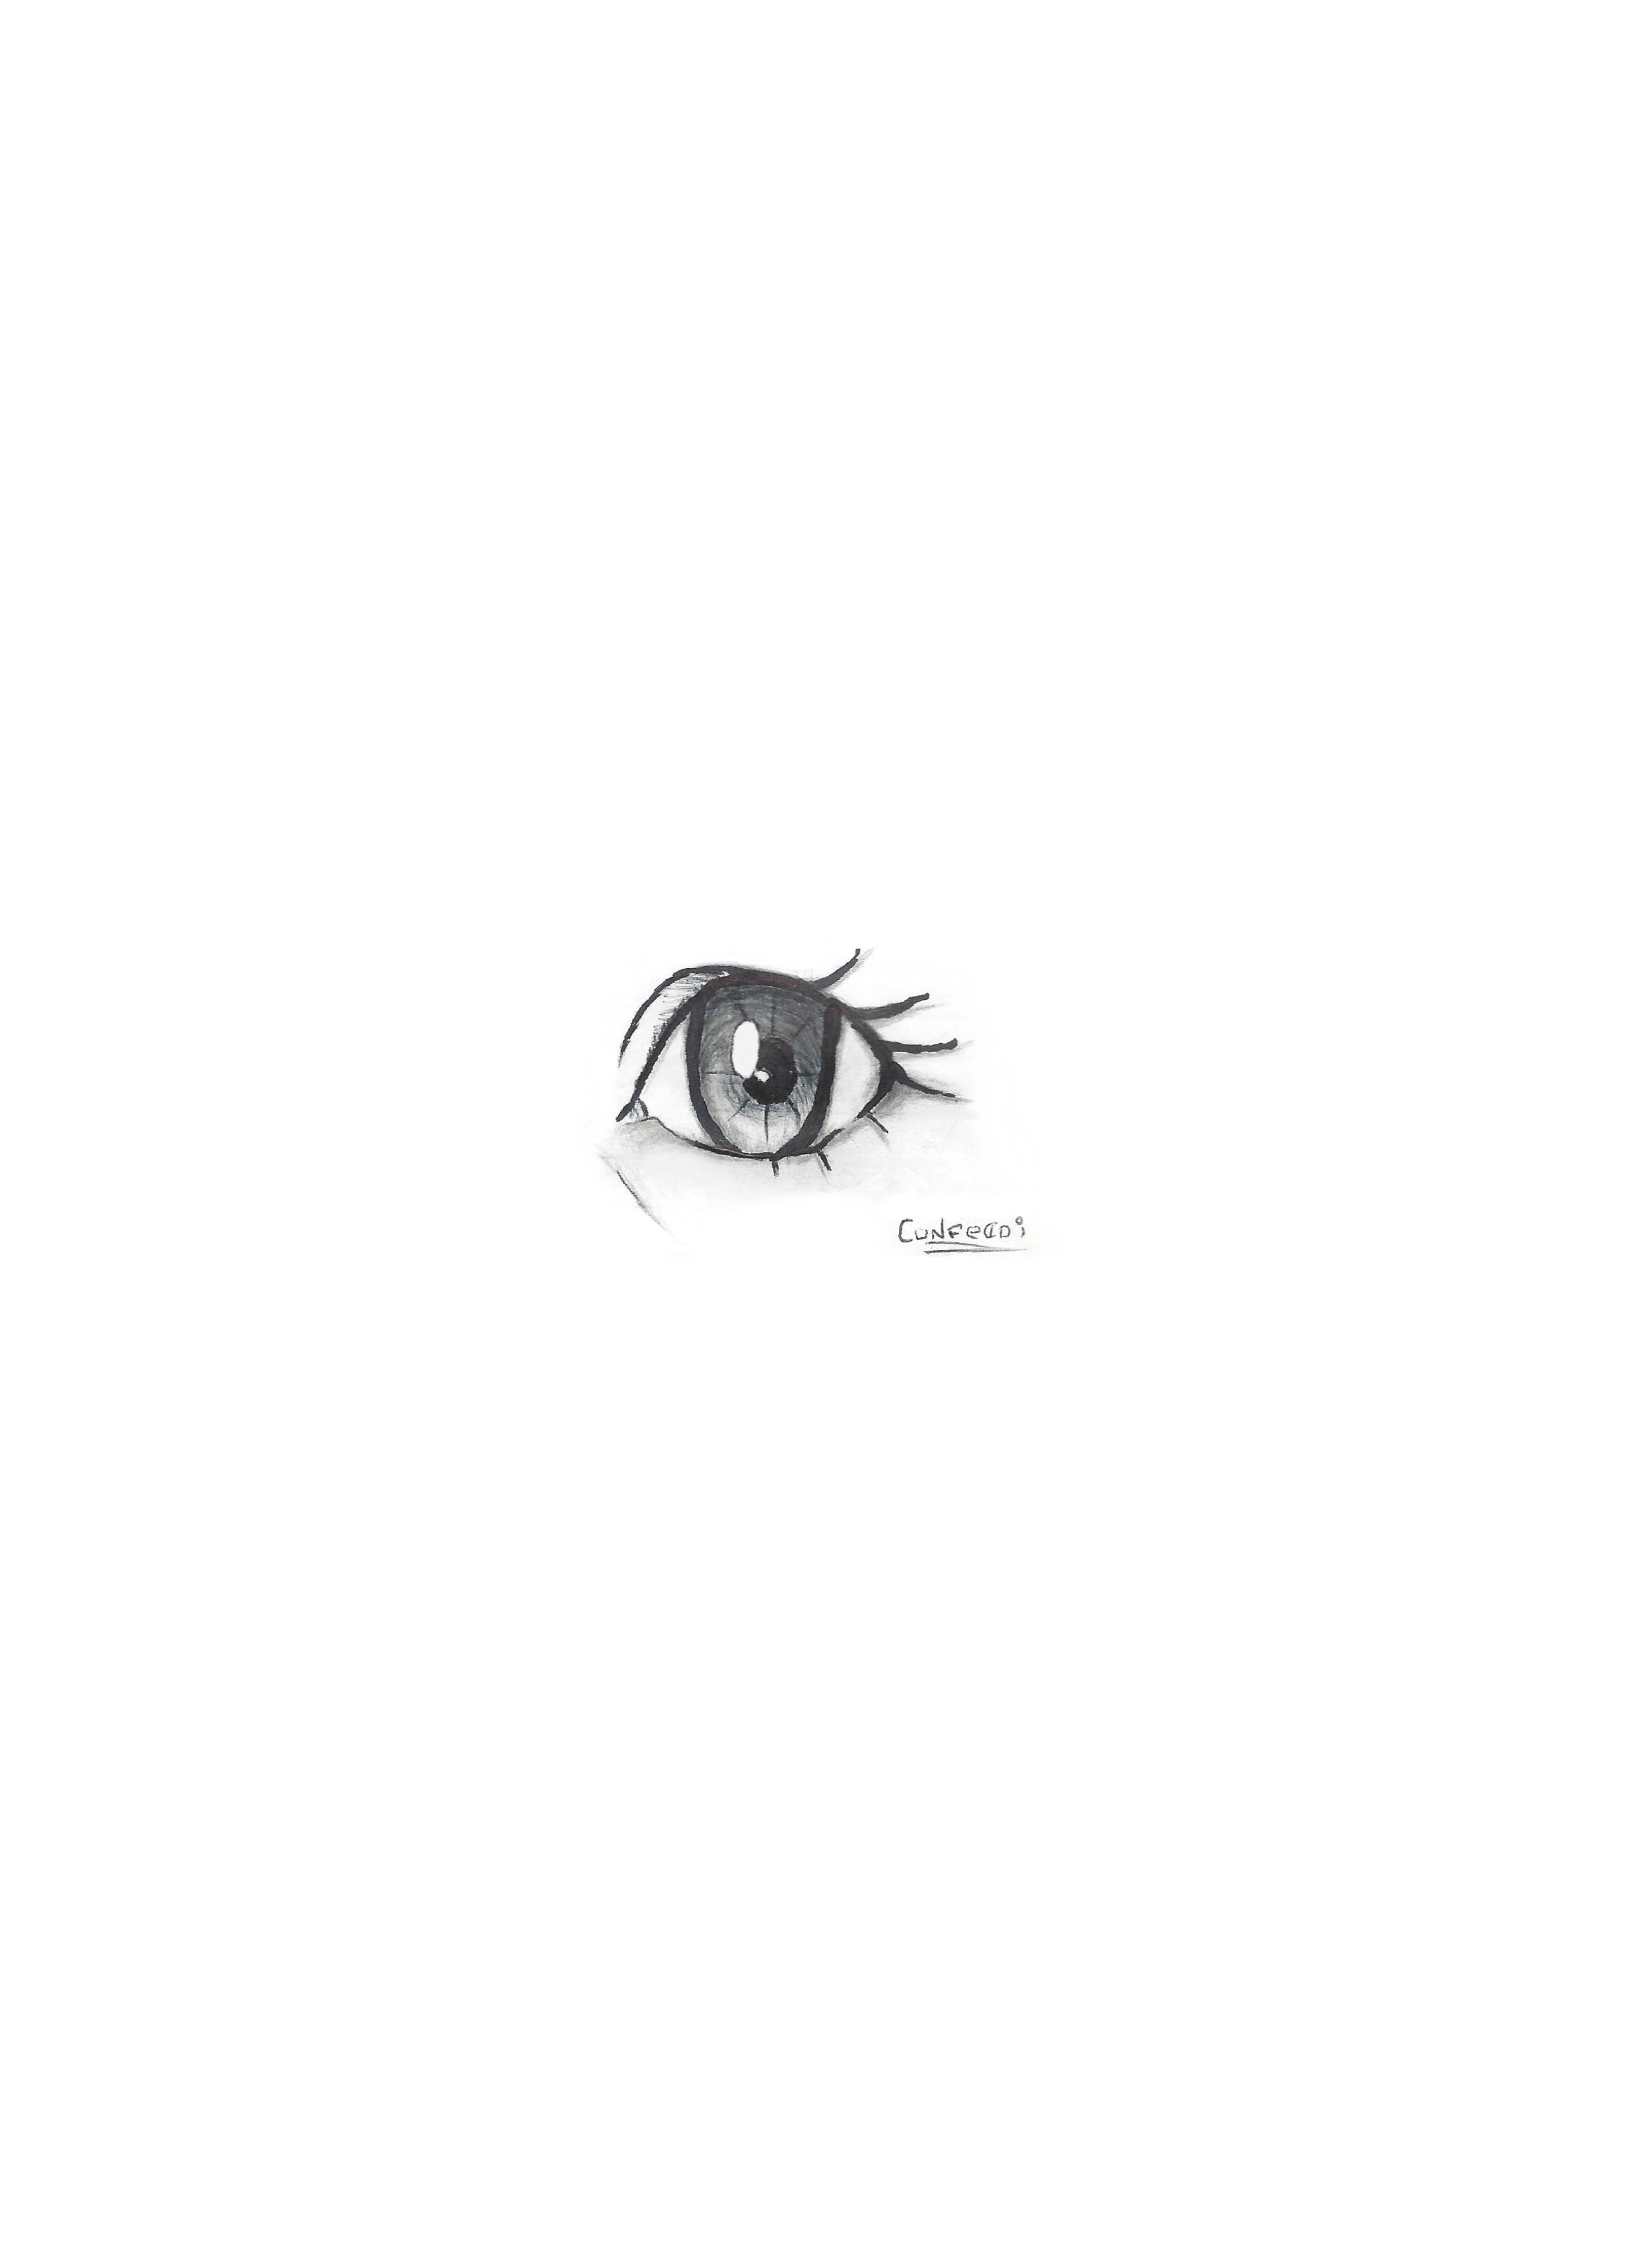 Manga eye practice